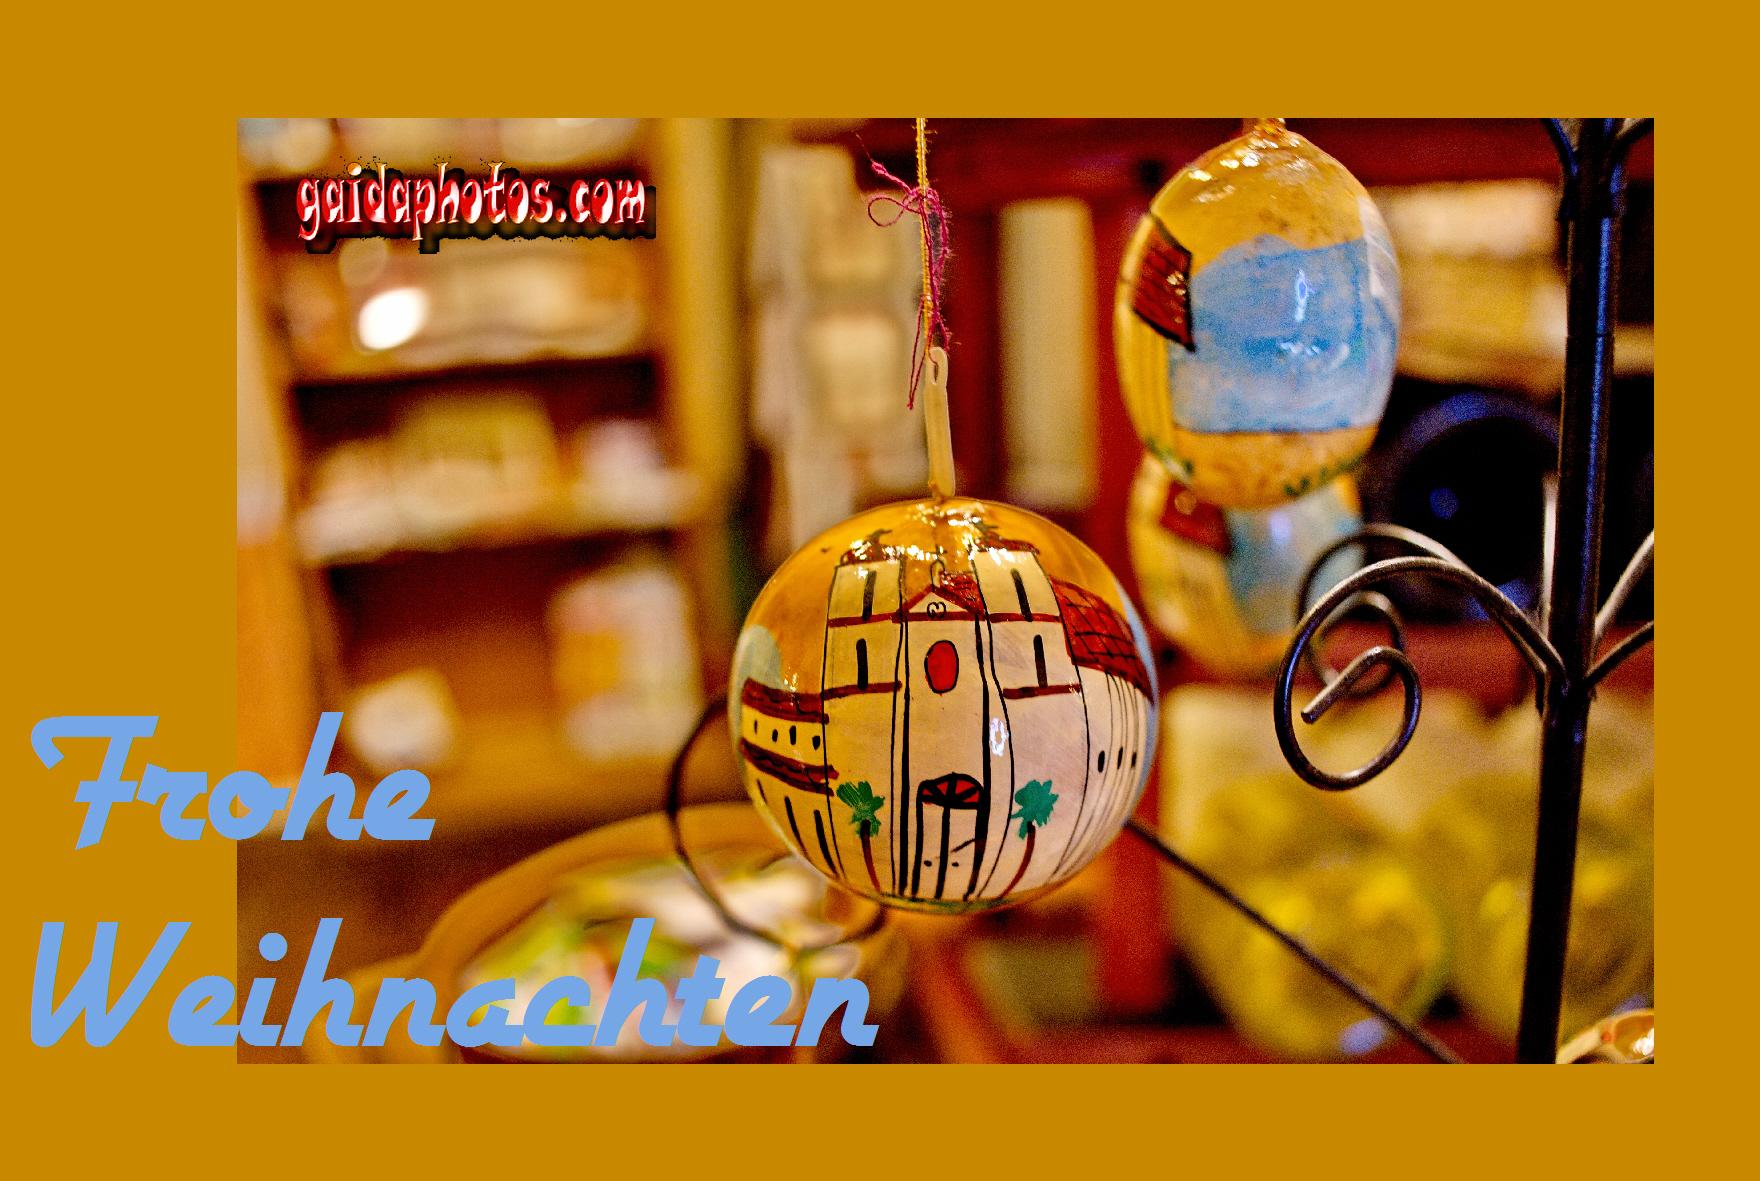 Weihnachtskarten kostenlos karten und motive - Weihnachtskarten verschicken kostenlos ...